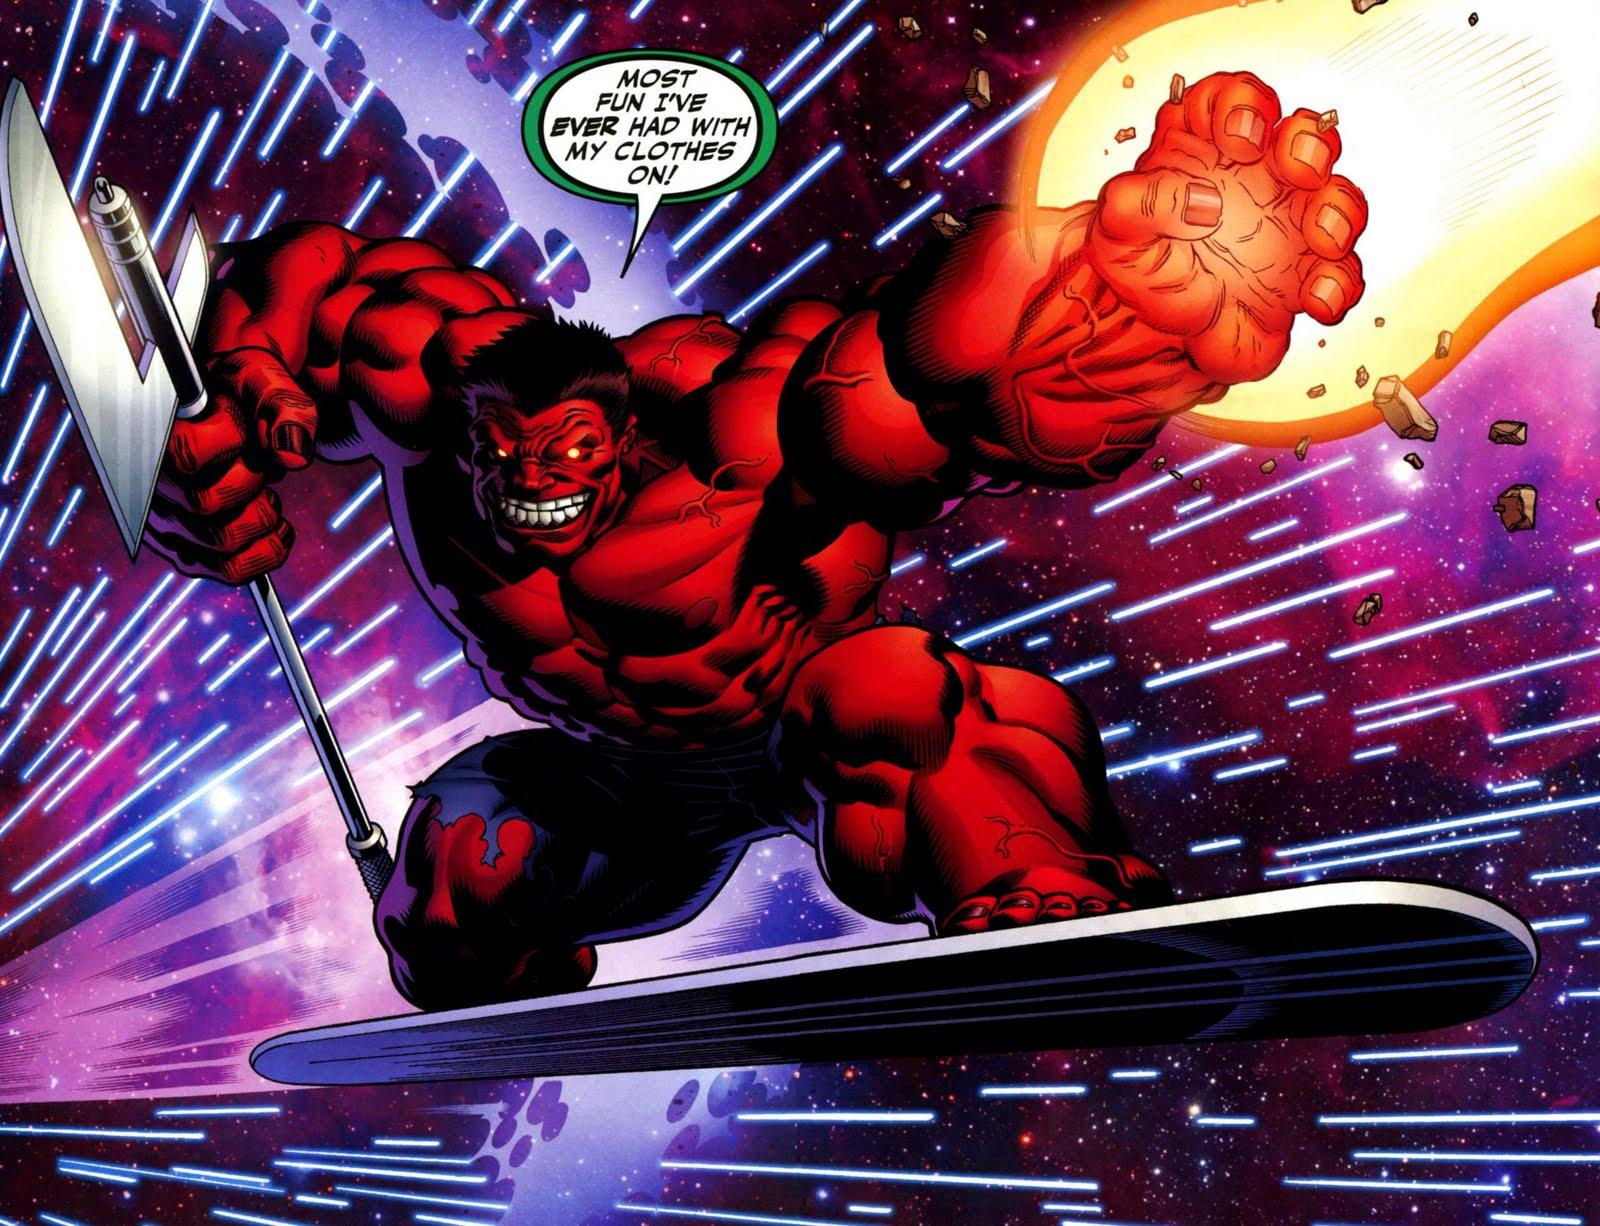 El blog de warrior galeria de imagenes e historia de red hulk - Pictures of red hulk ...